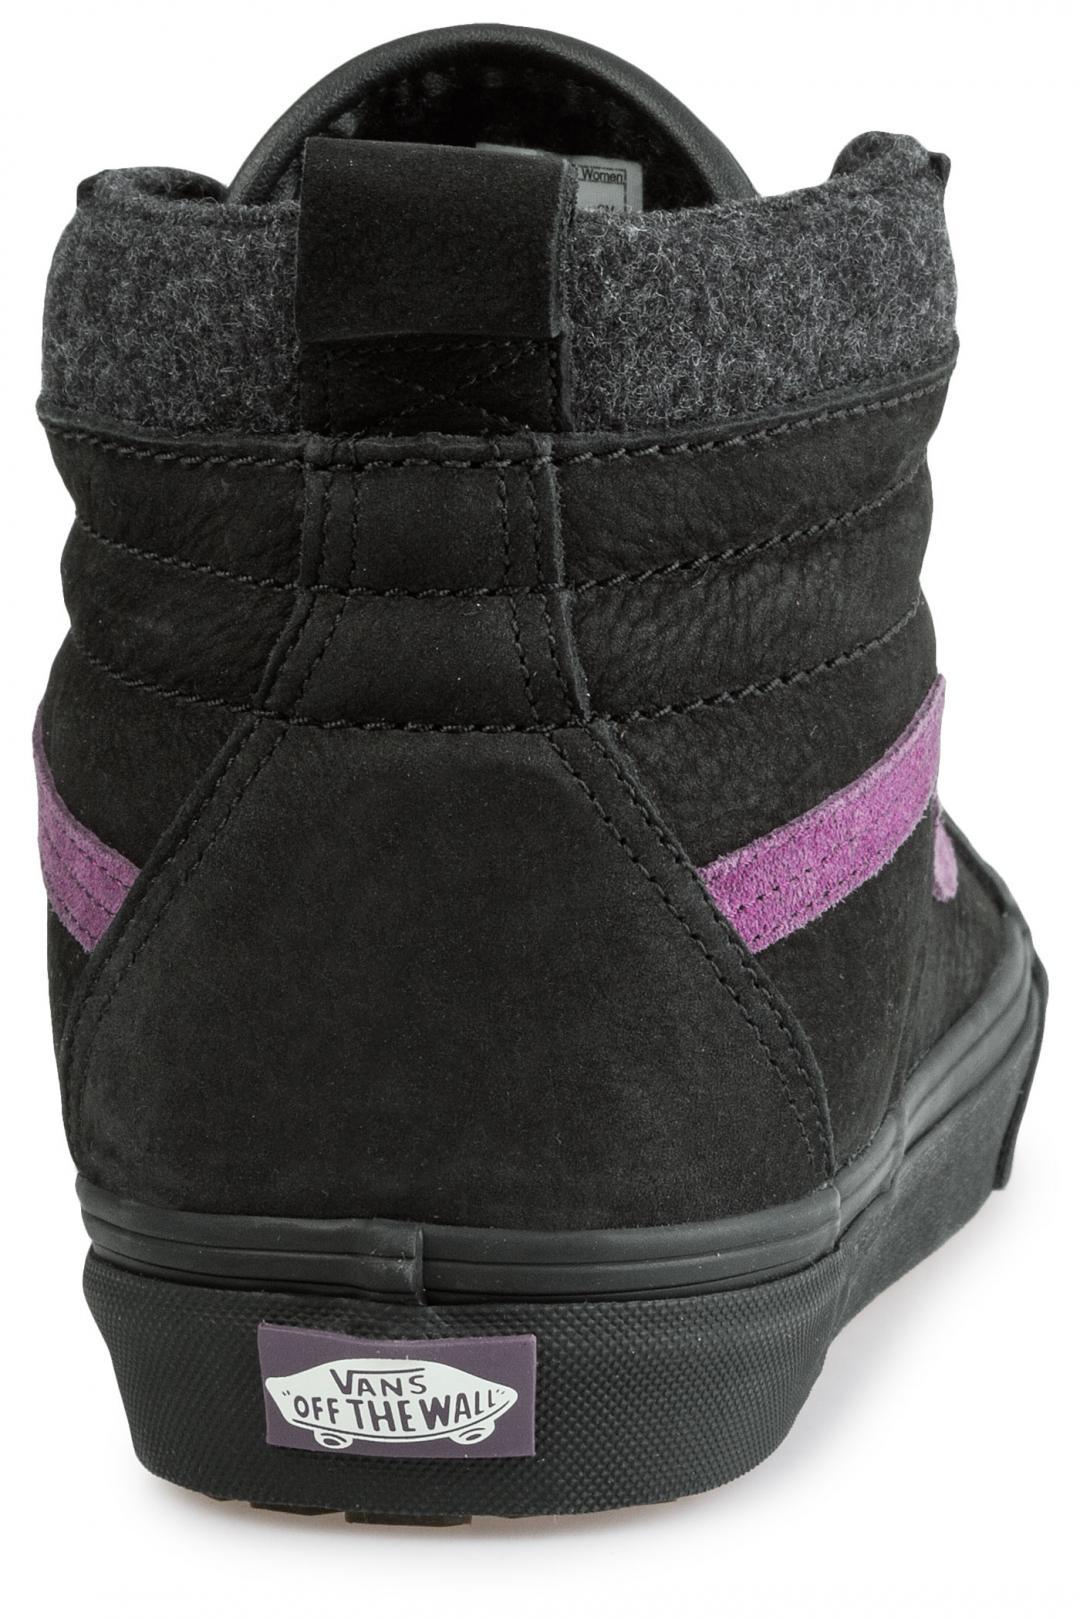 Uomo Vans Sk8-Hi 46 MTE DX blake paul black purple   Sneaker